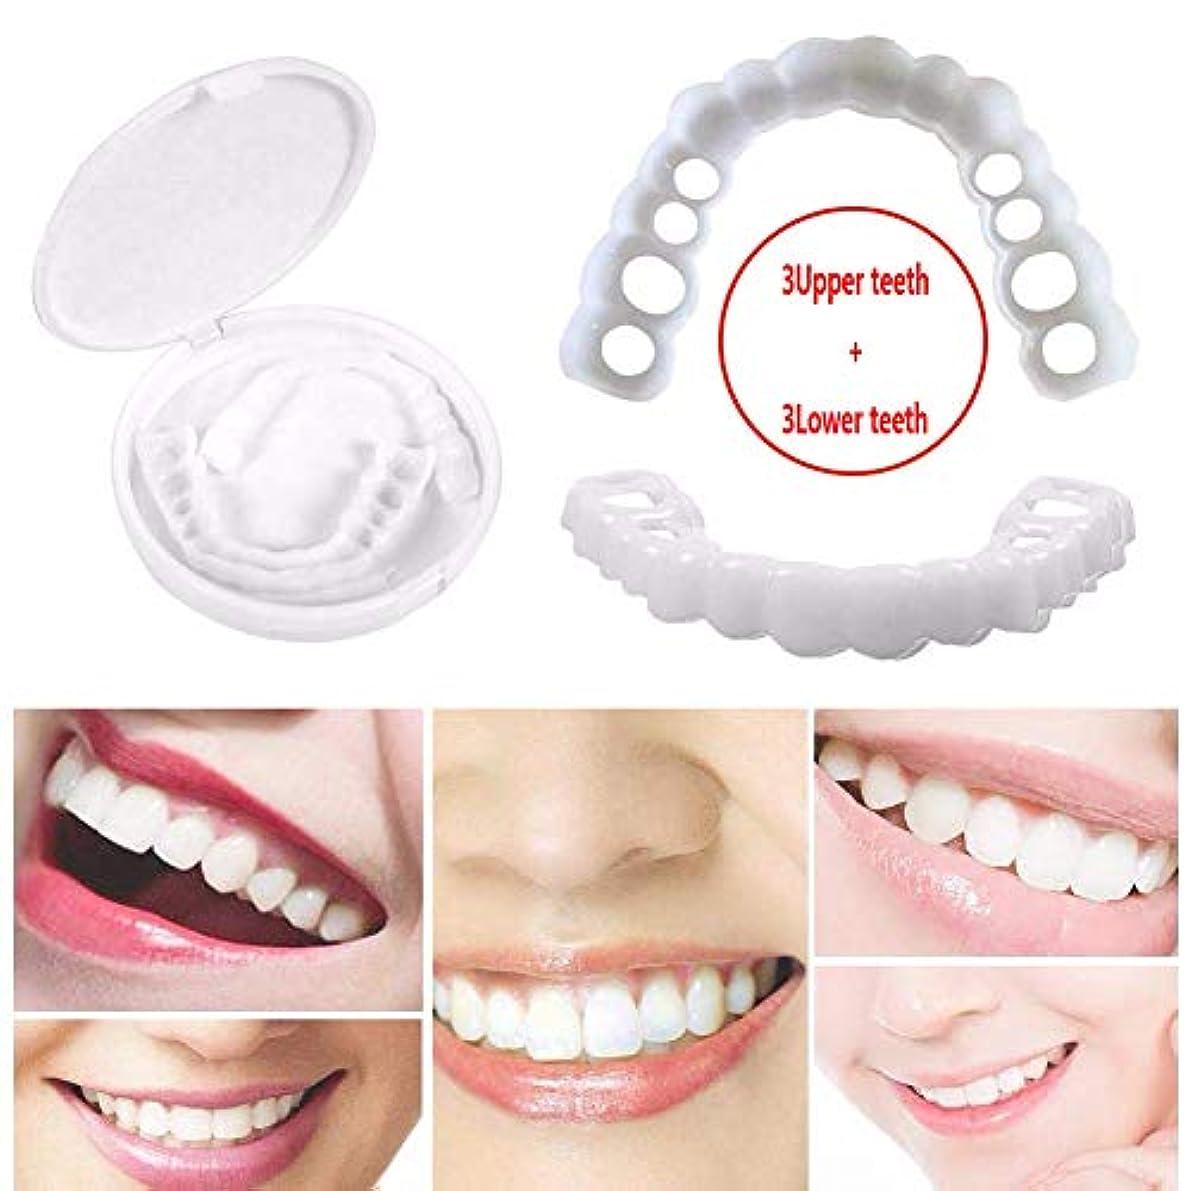 ヤング熟達社説3組の一時的な歯の白くなること、一時的な化粧品の歯の義歯の化粧品は収納箱が付いているブレースを模倣しました,3upperteeth+3lowerteeth